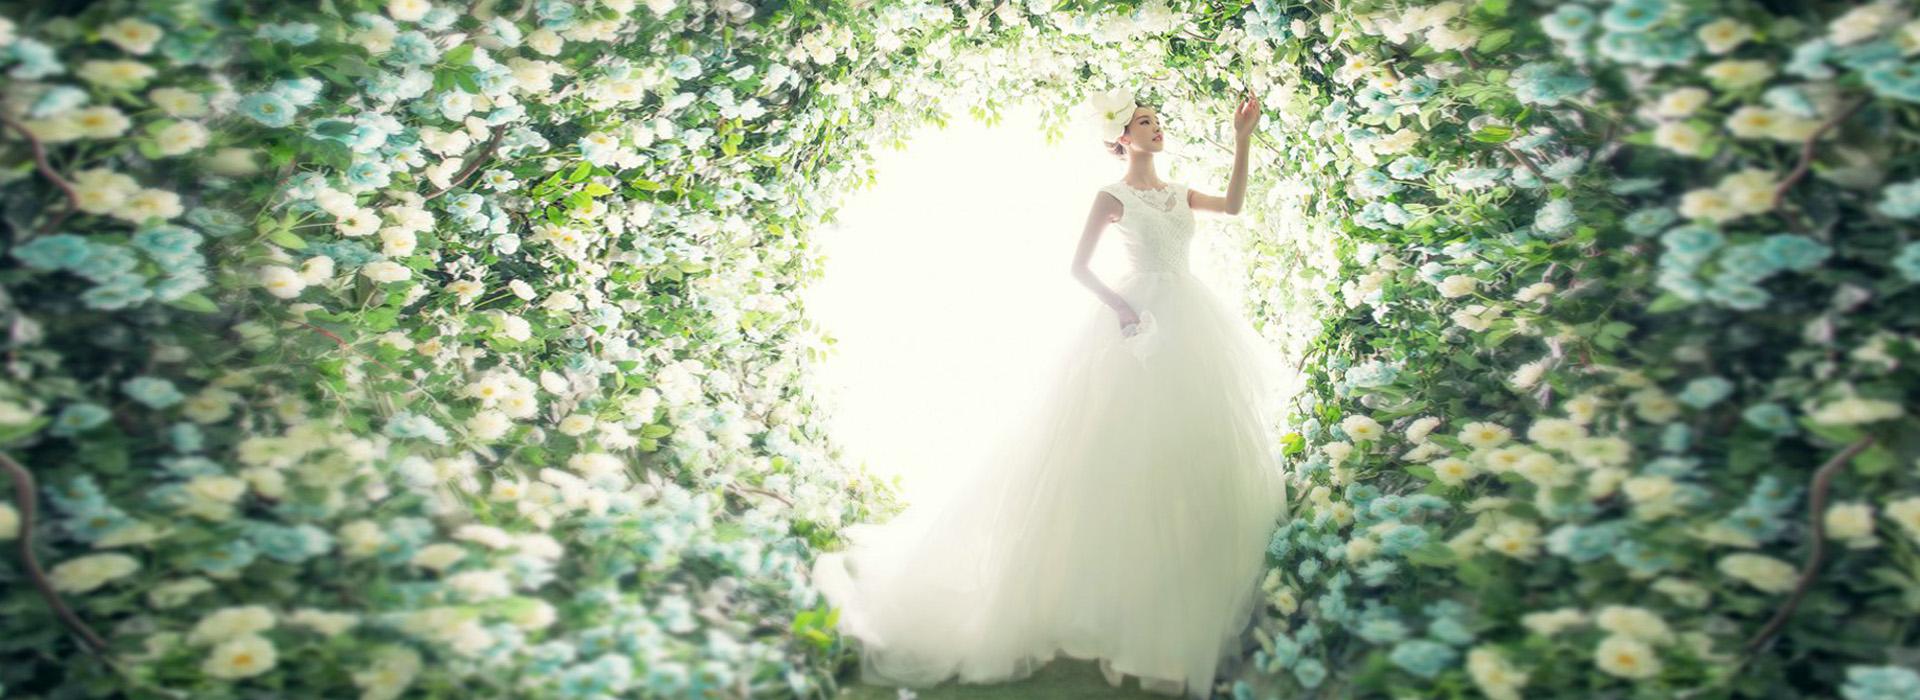 页头广告-全球旅拍-韩国新娘